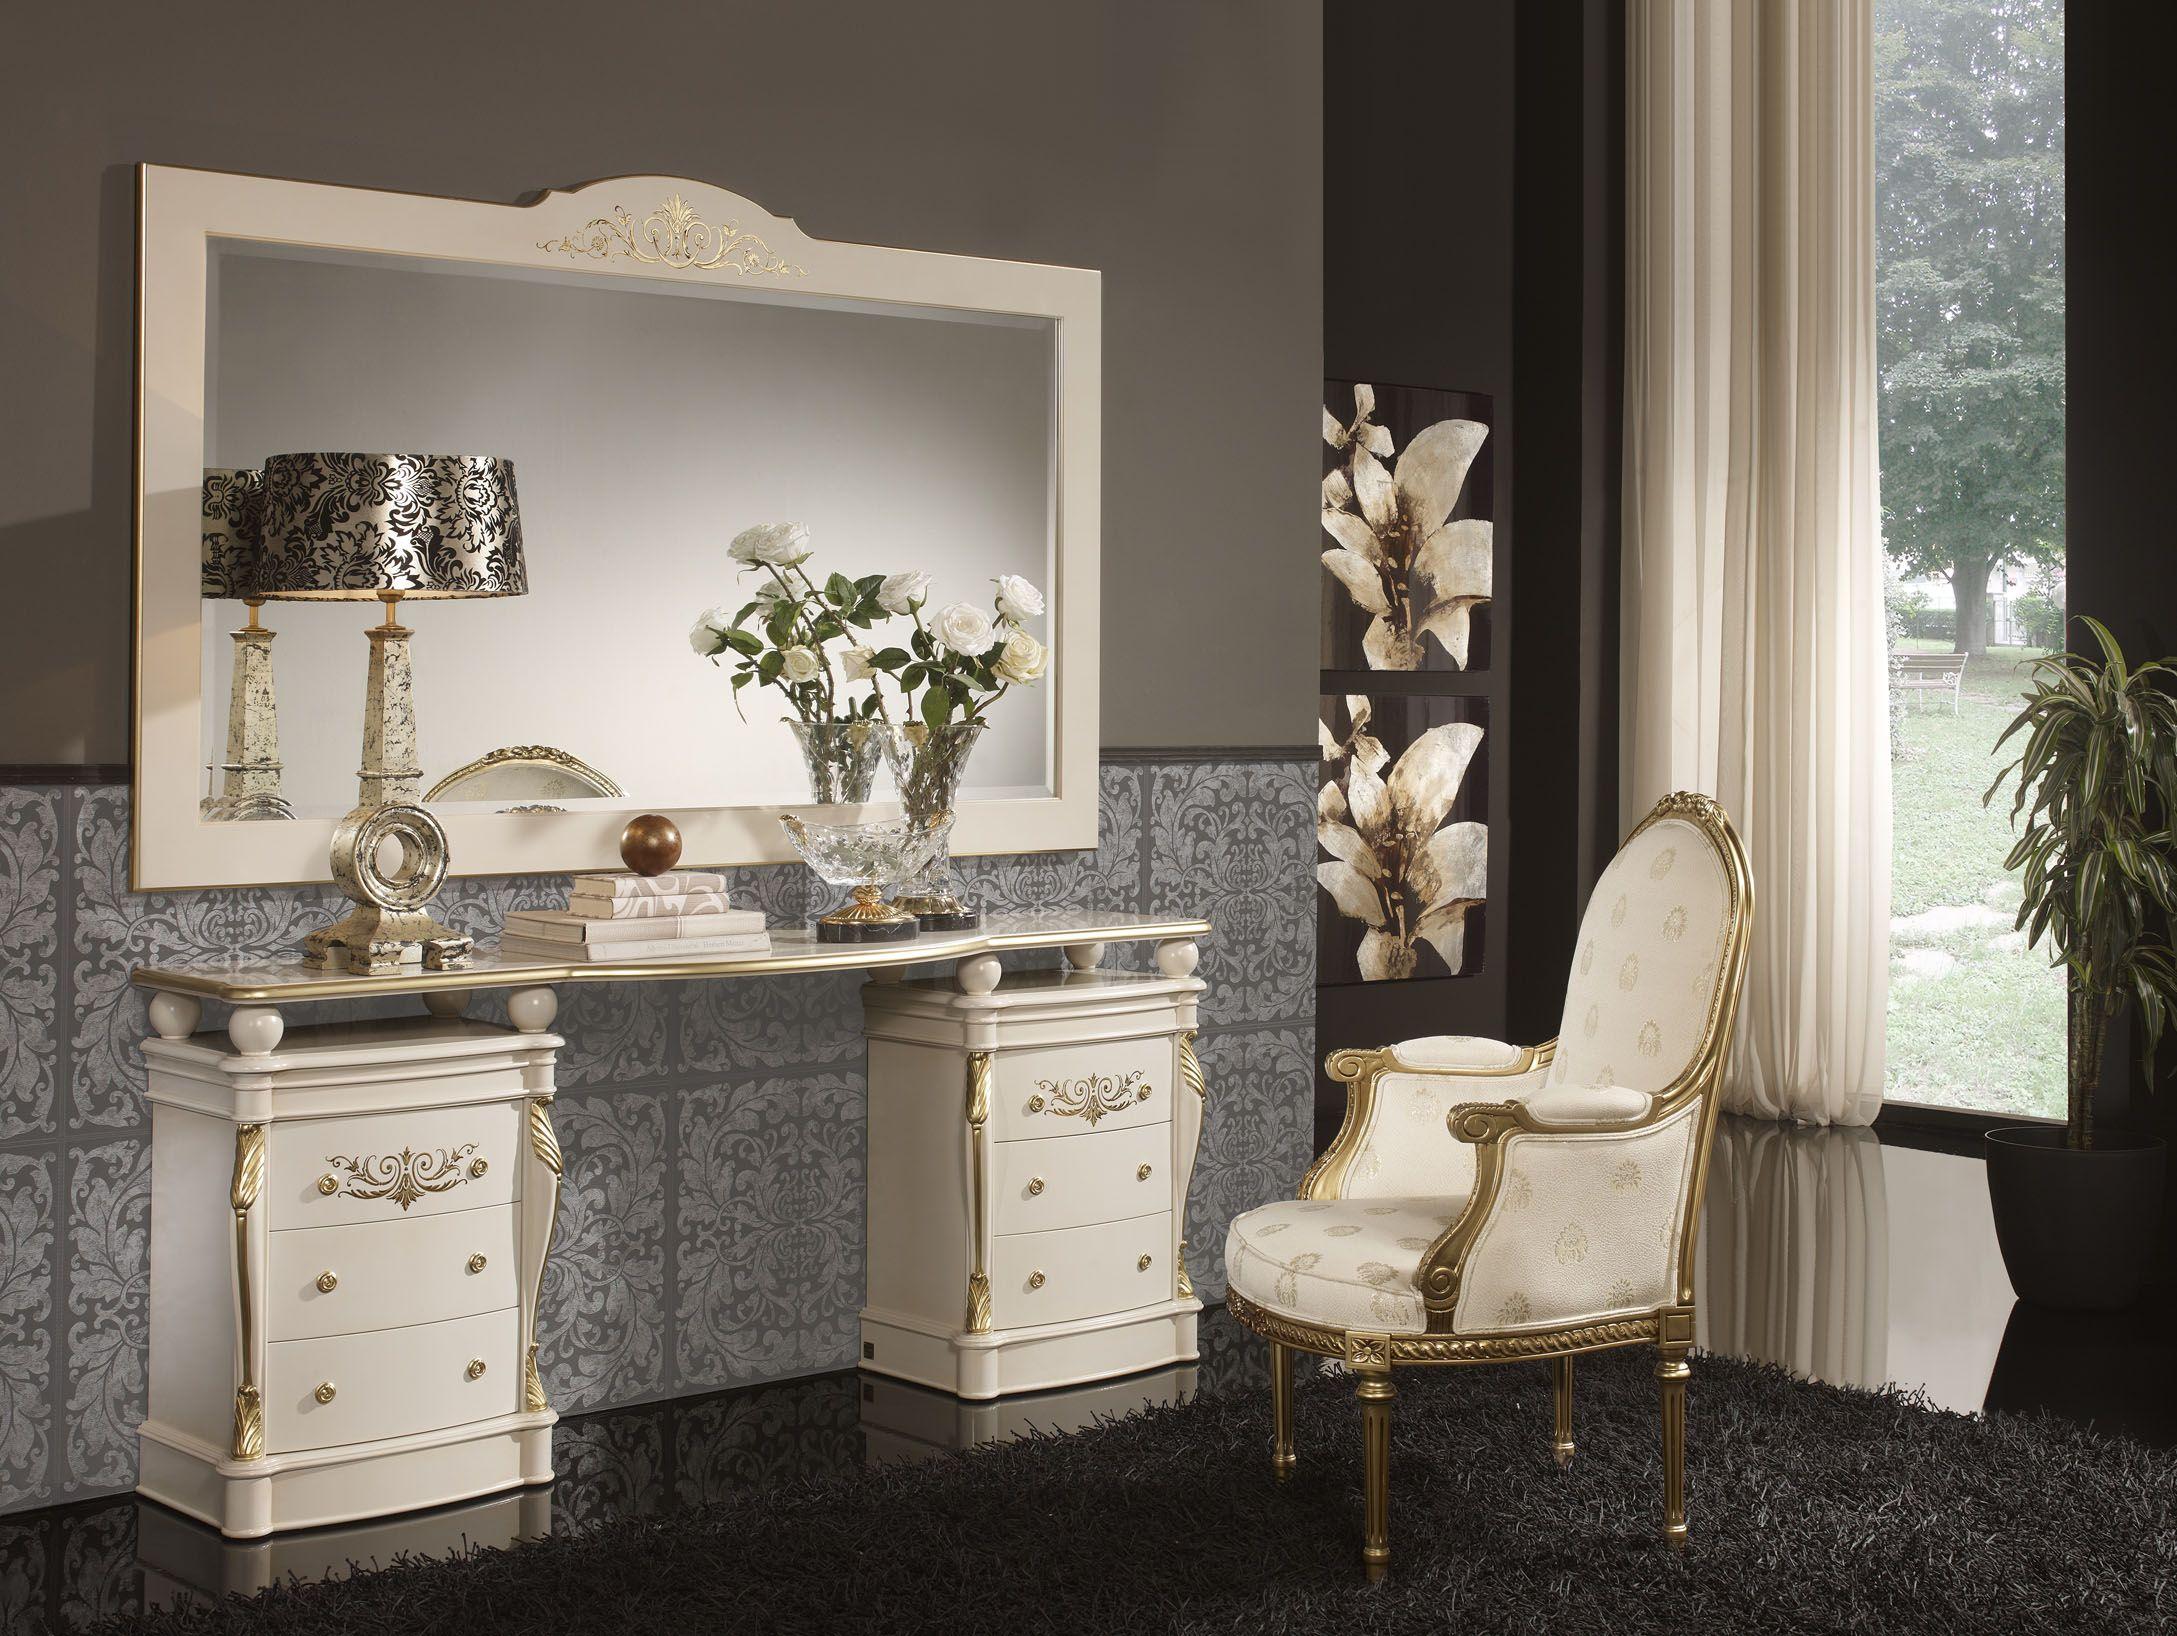 Muebles de gama alta estilo colonial y barroco - Estilo barroco decoracion ...